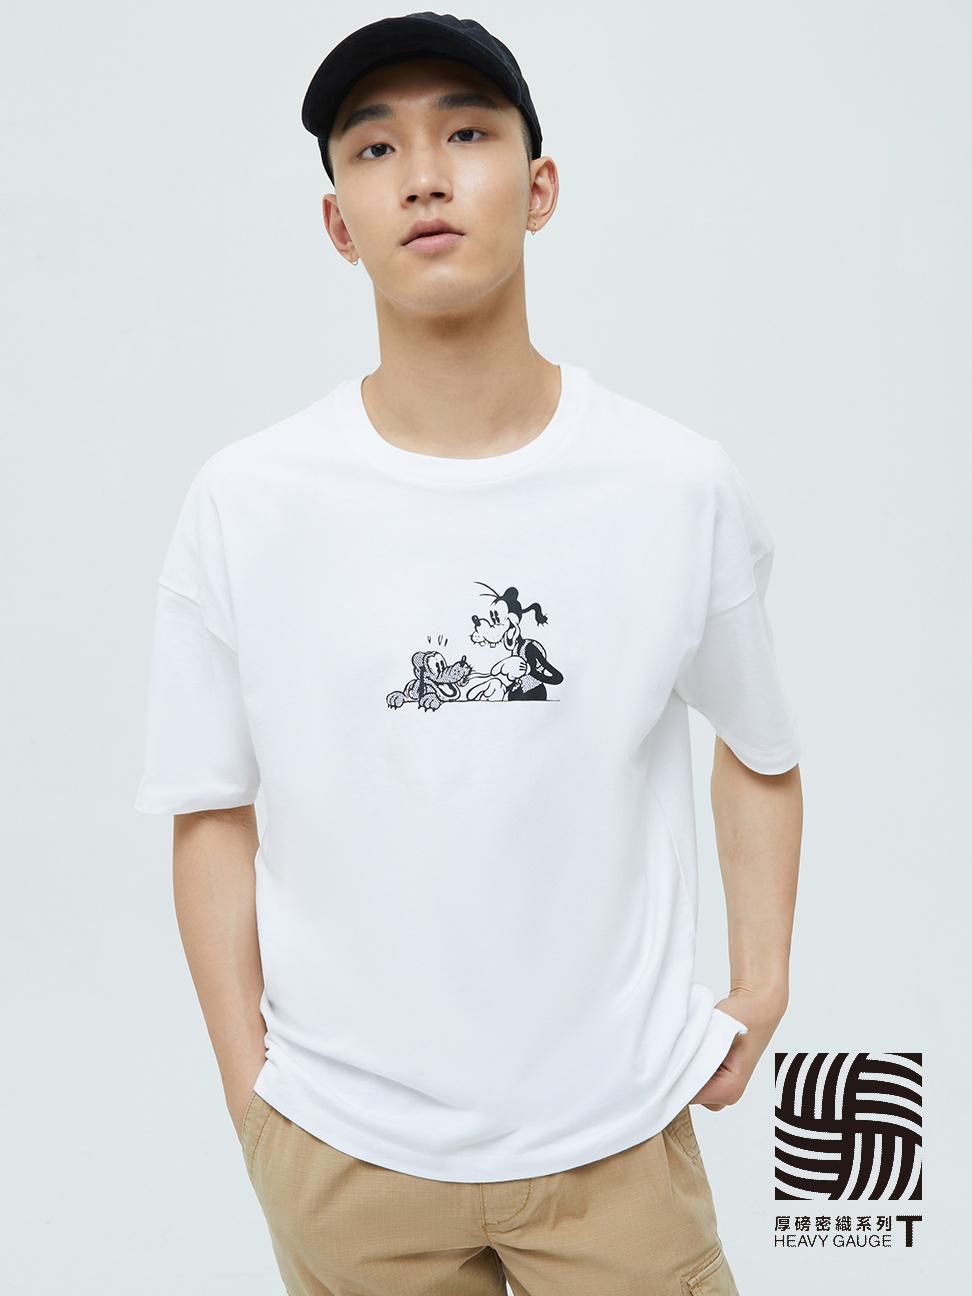 男裝 厚磅密織系列 Gap x Disney 迪士尼系列寬鬆短袖T恤